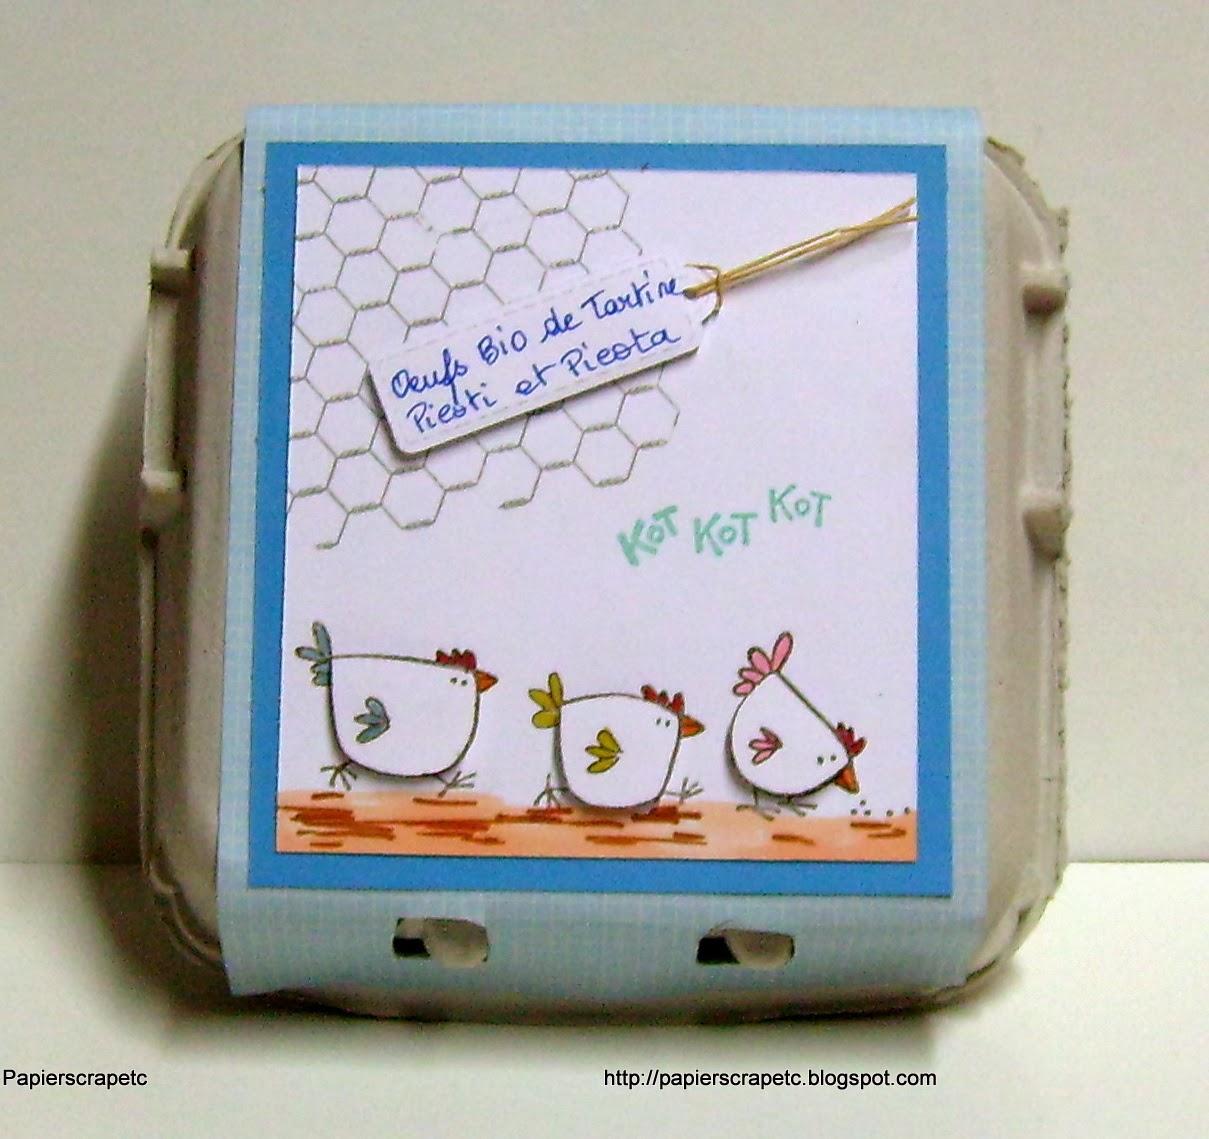 Papierscrapetc une bo te ufs d cor e pour les ufs bio - Decoration boite oeuf ...